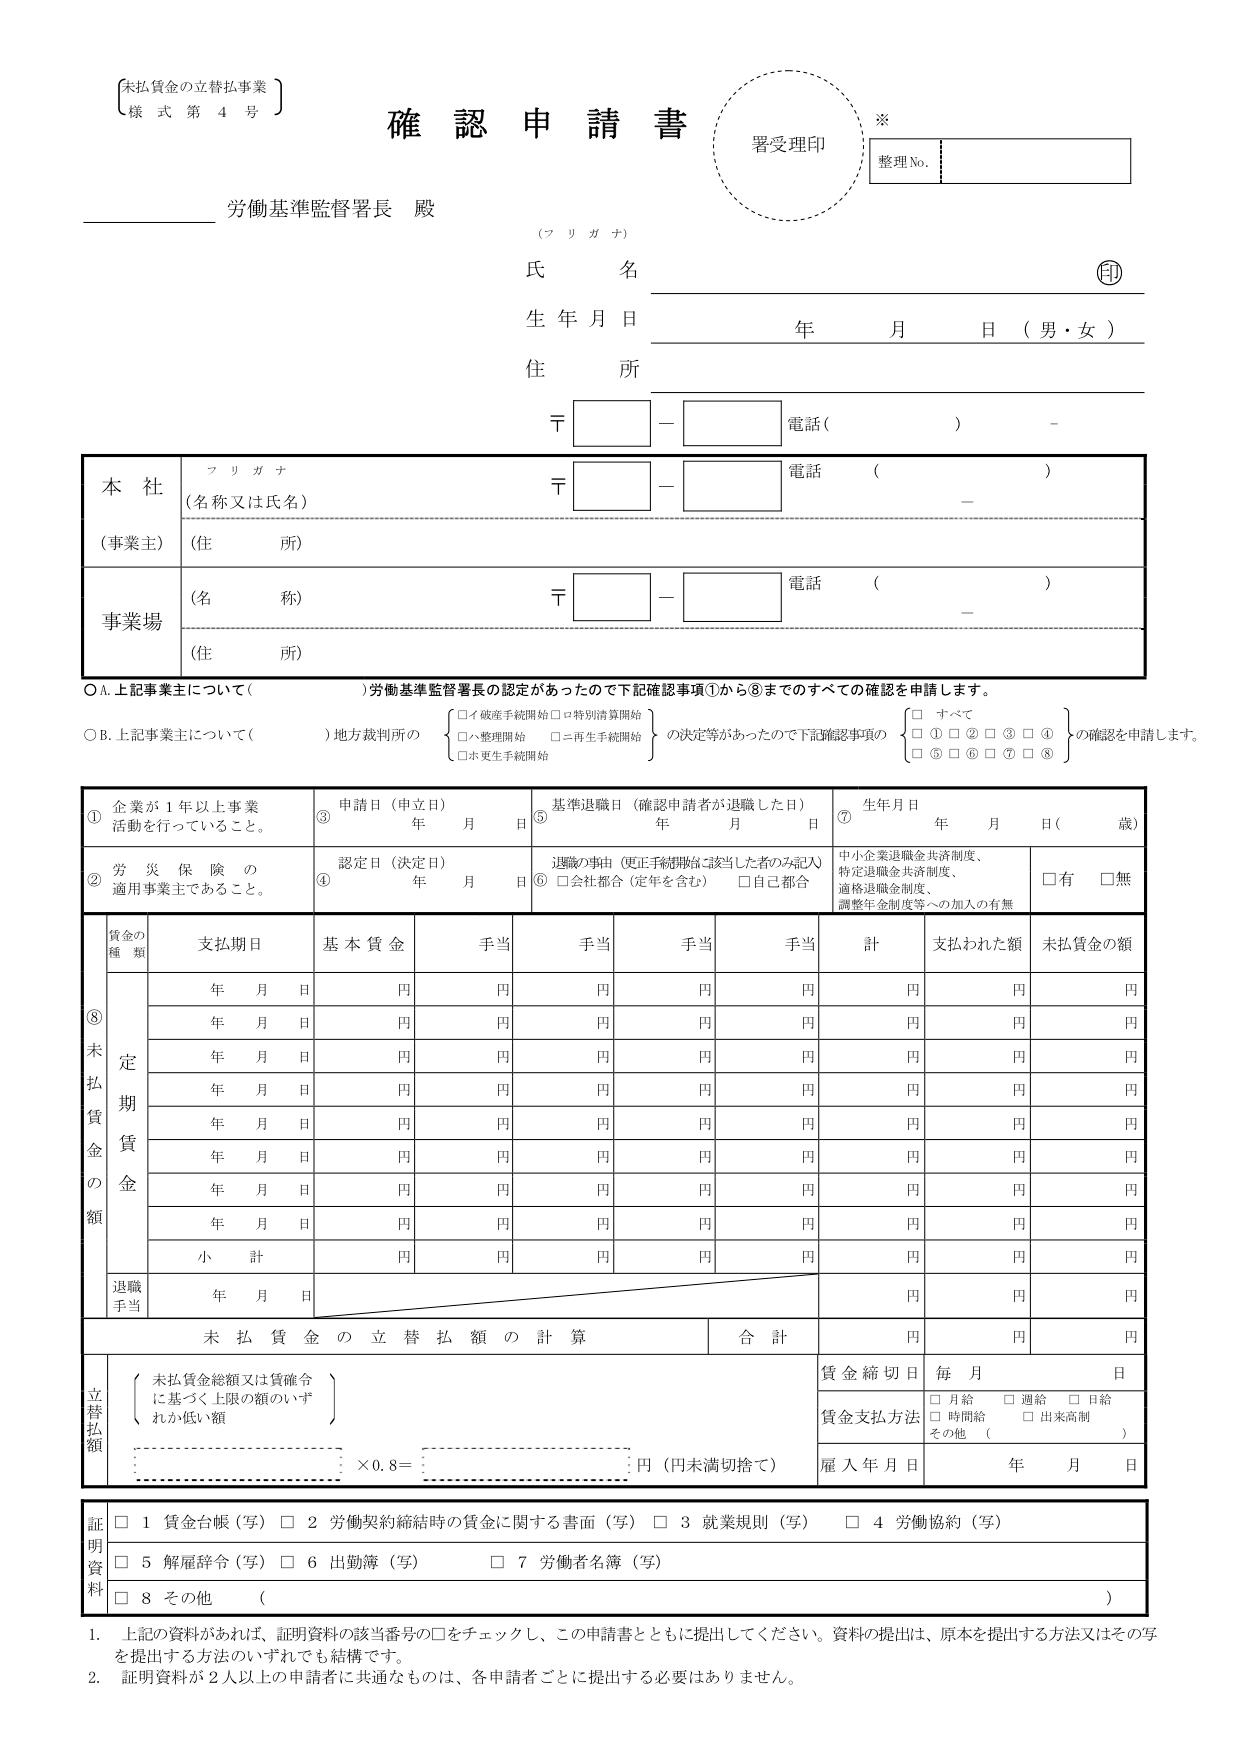 未払い賃金立替制度の認定申請書